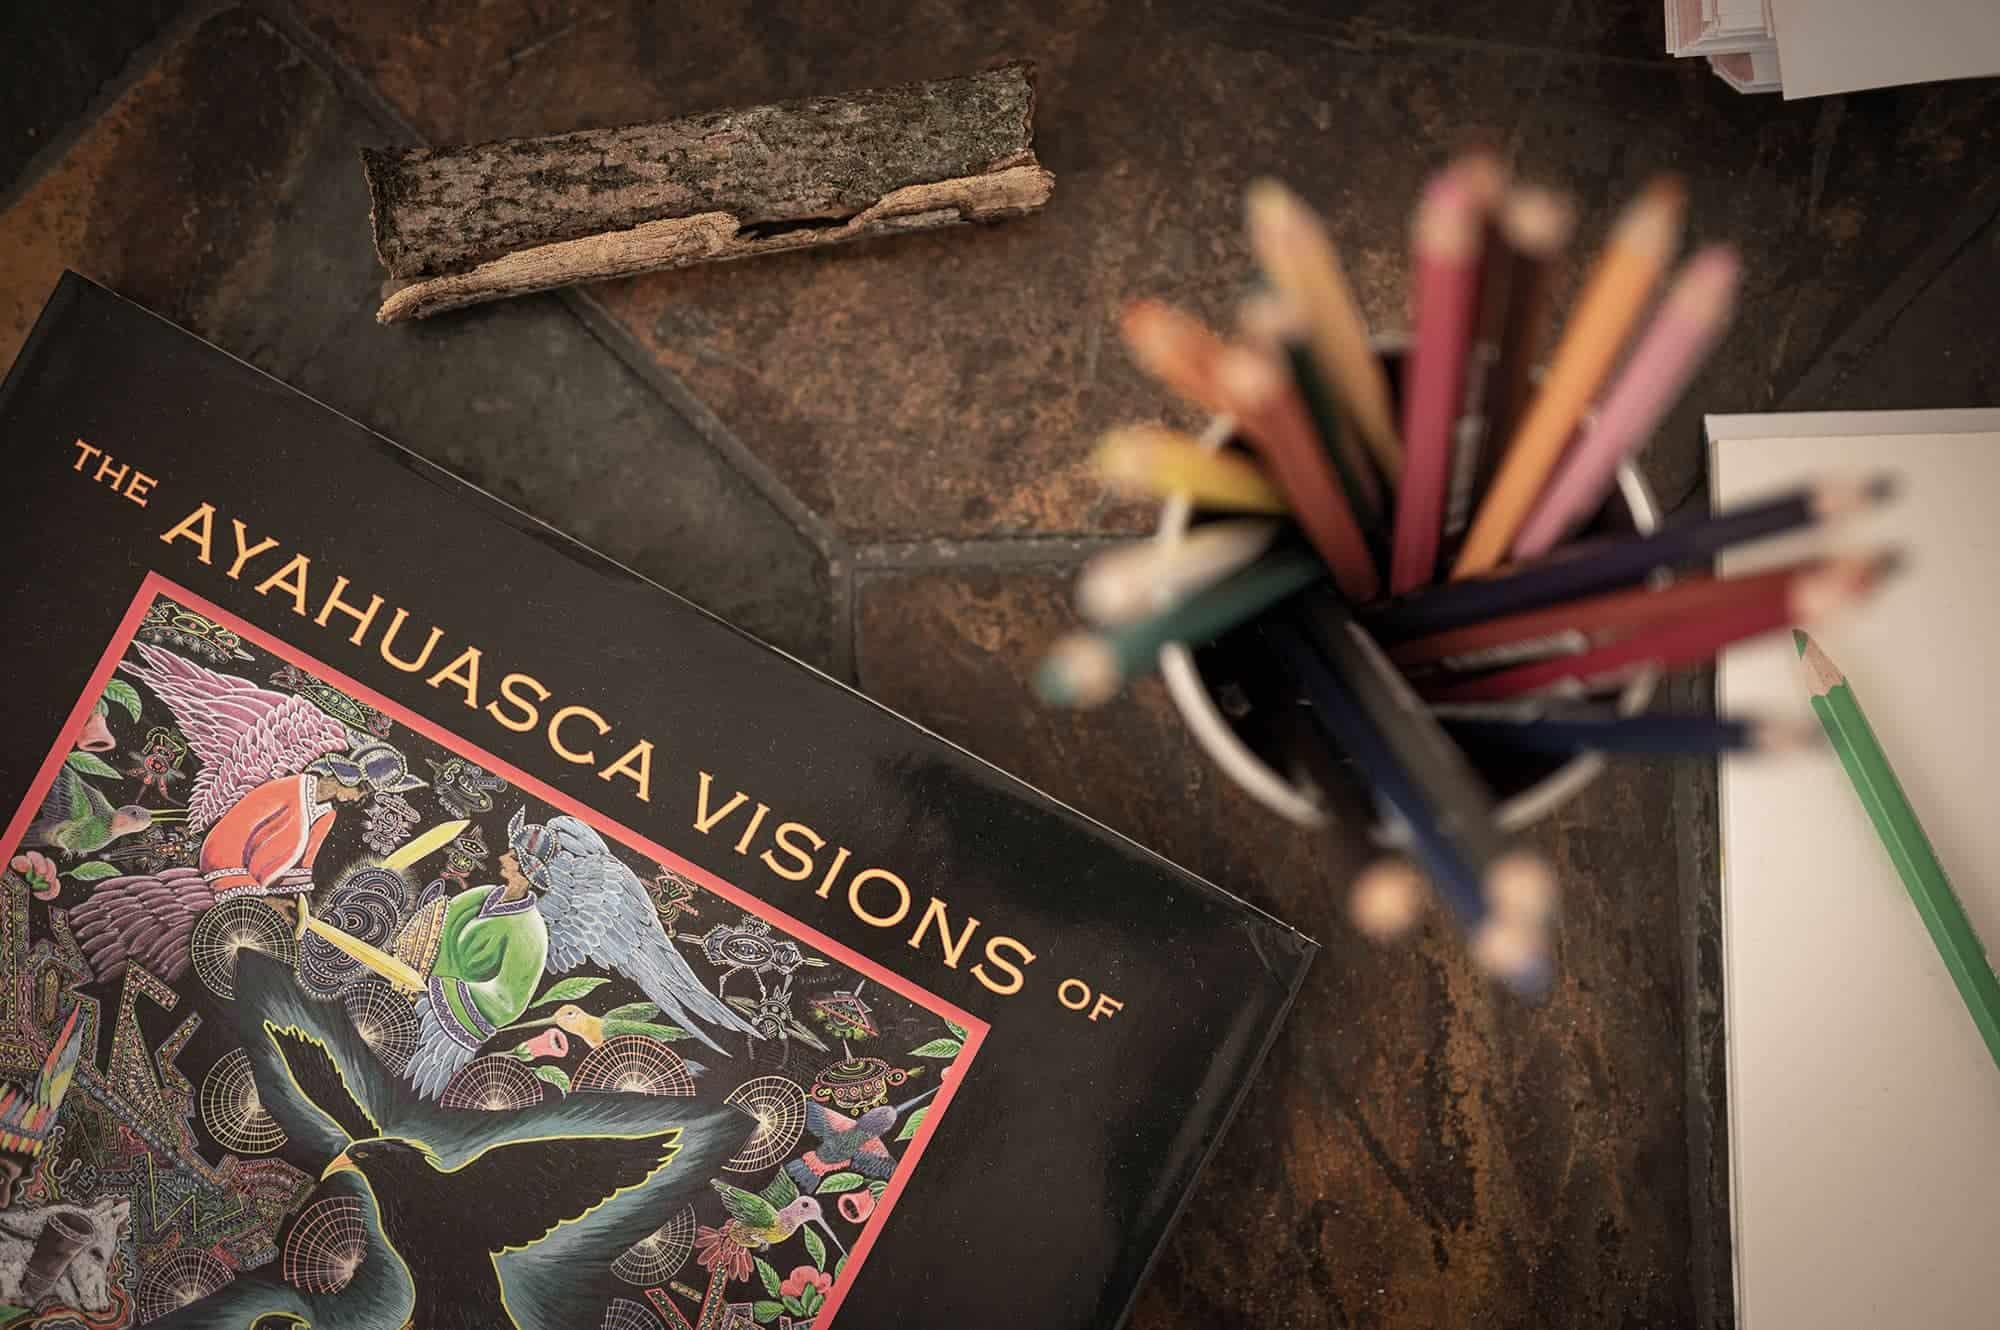 """Das Buch """"the ayahuasca visions by Pablo Amaringo"""" mit Buntstiften"""